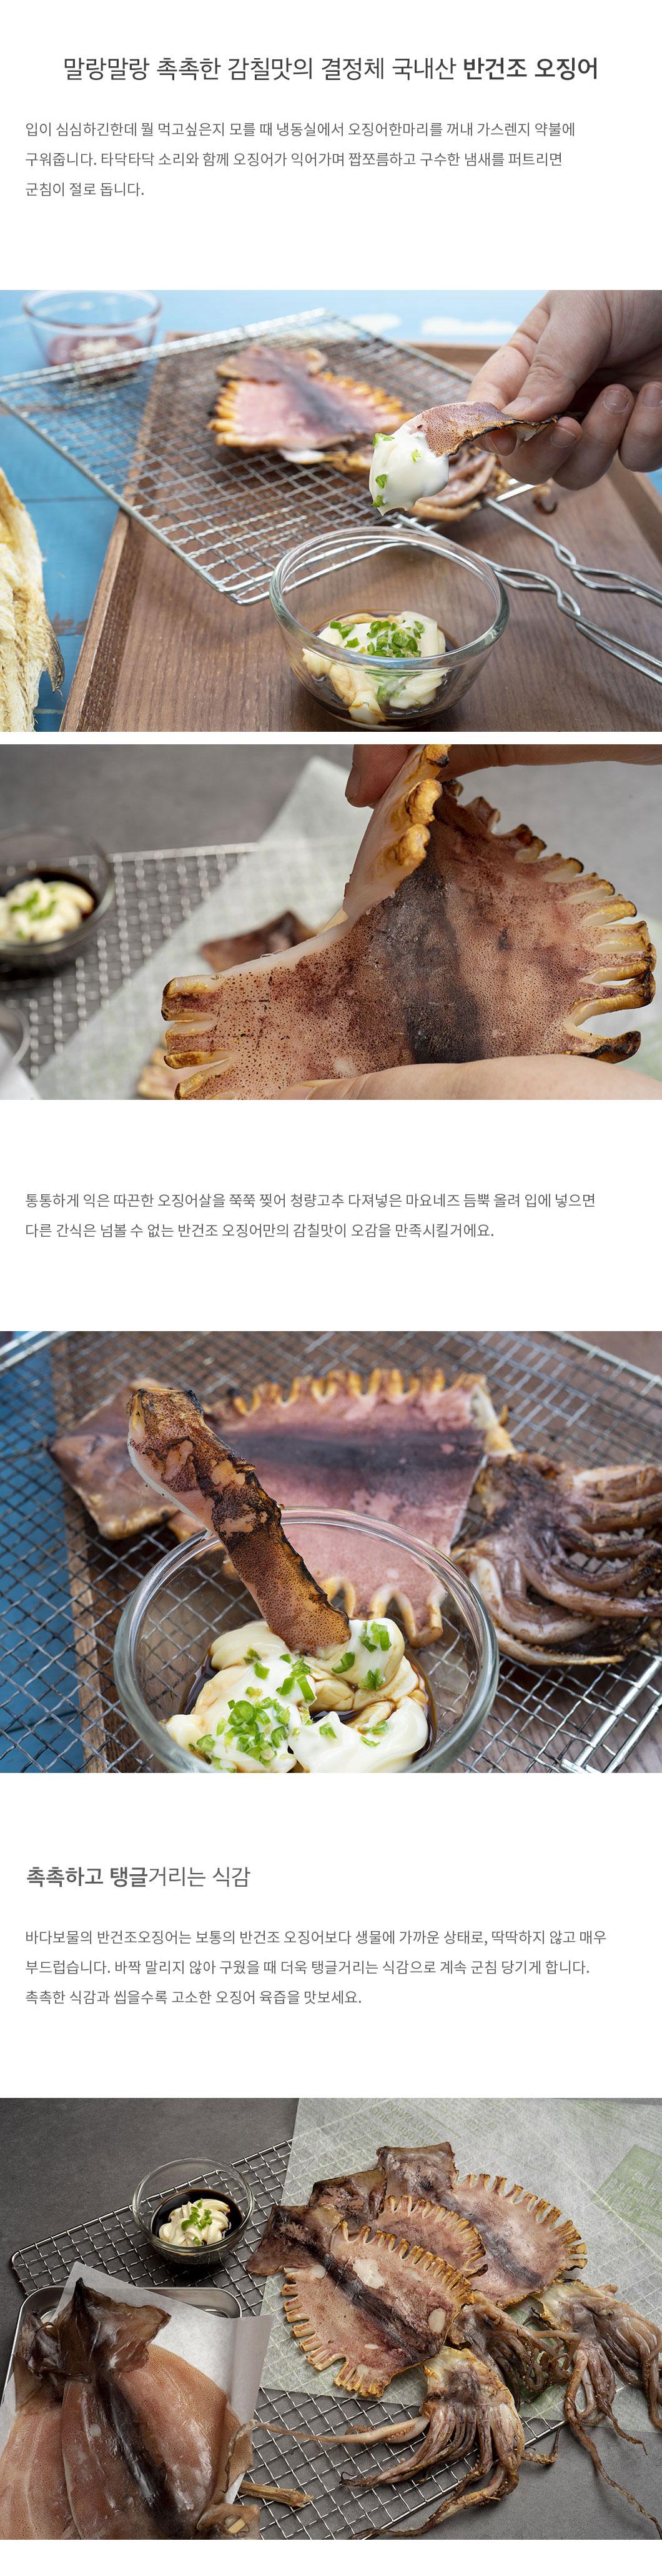 바보상회-먹태반건조오징어_03.jpg